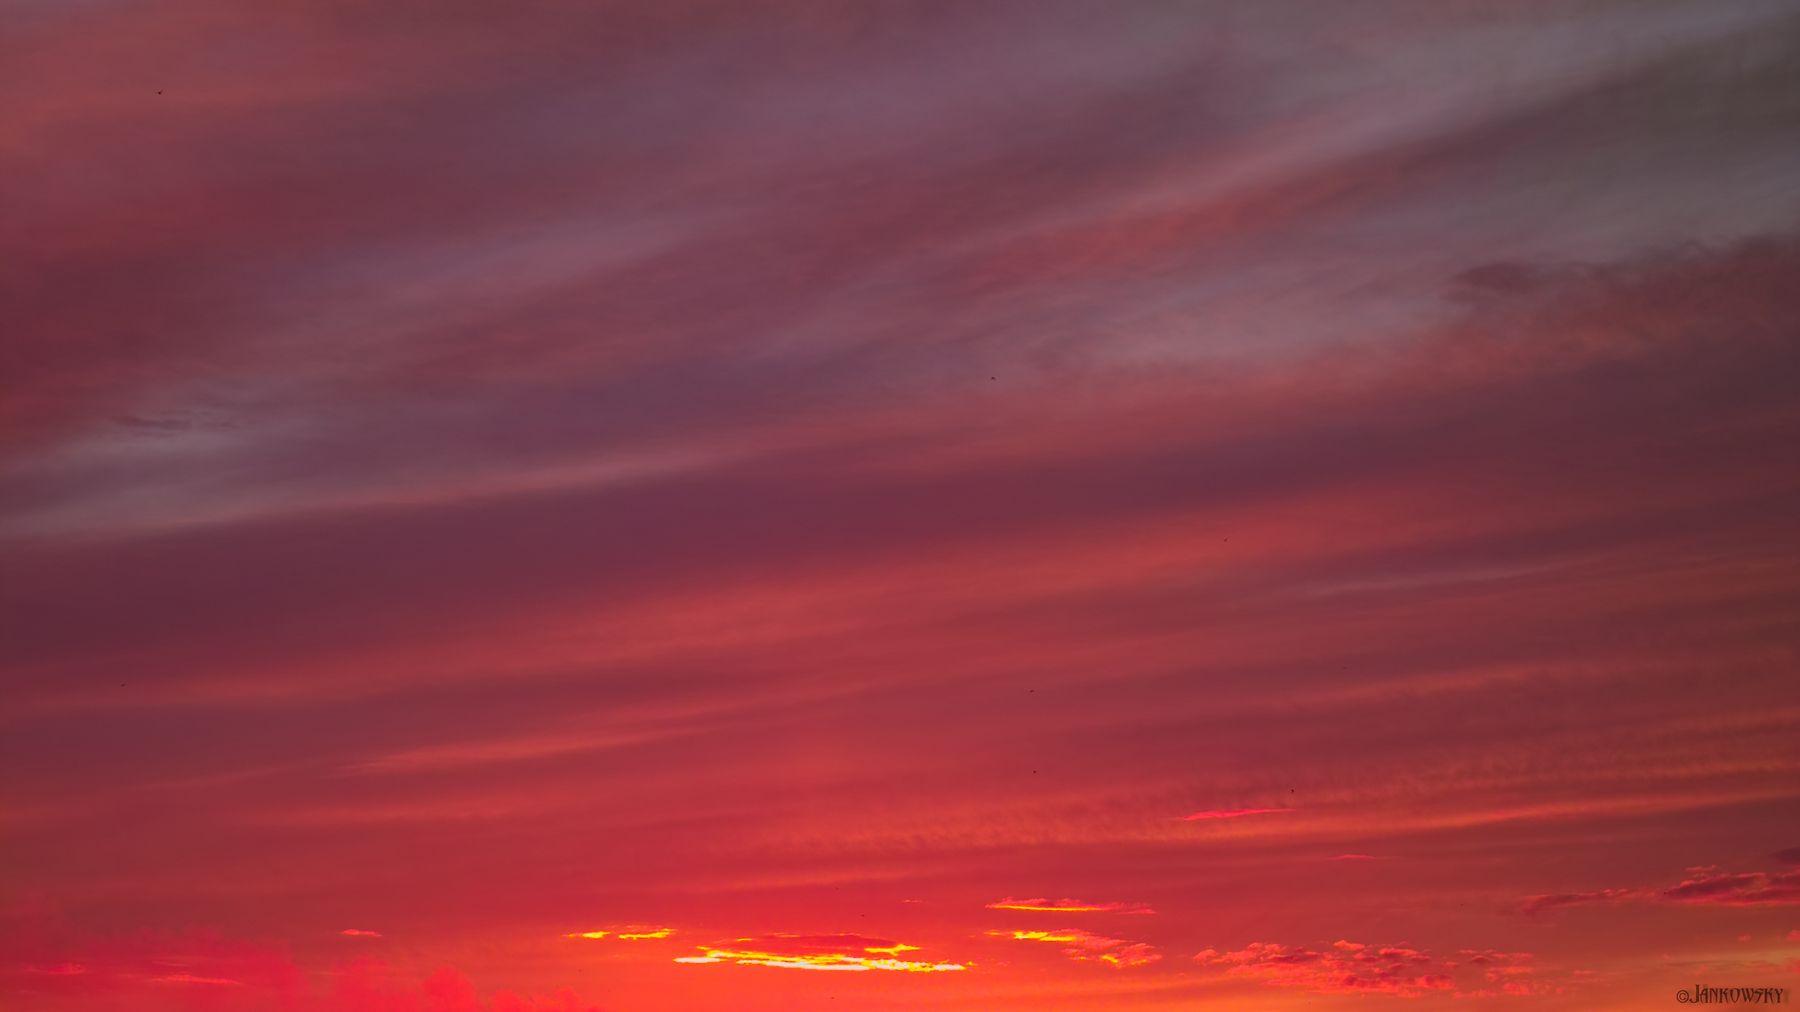 Sigma SD10 Foveon-безумие омского неба  10.06.21 Sigma SD10 Foveon 50-150mm омск раритет закат рендеринг красный пересвет градиент